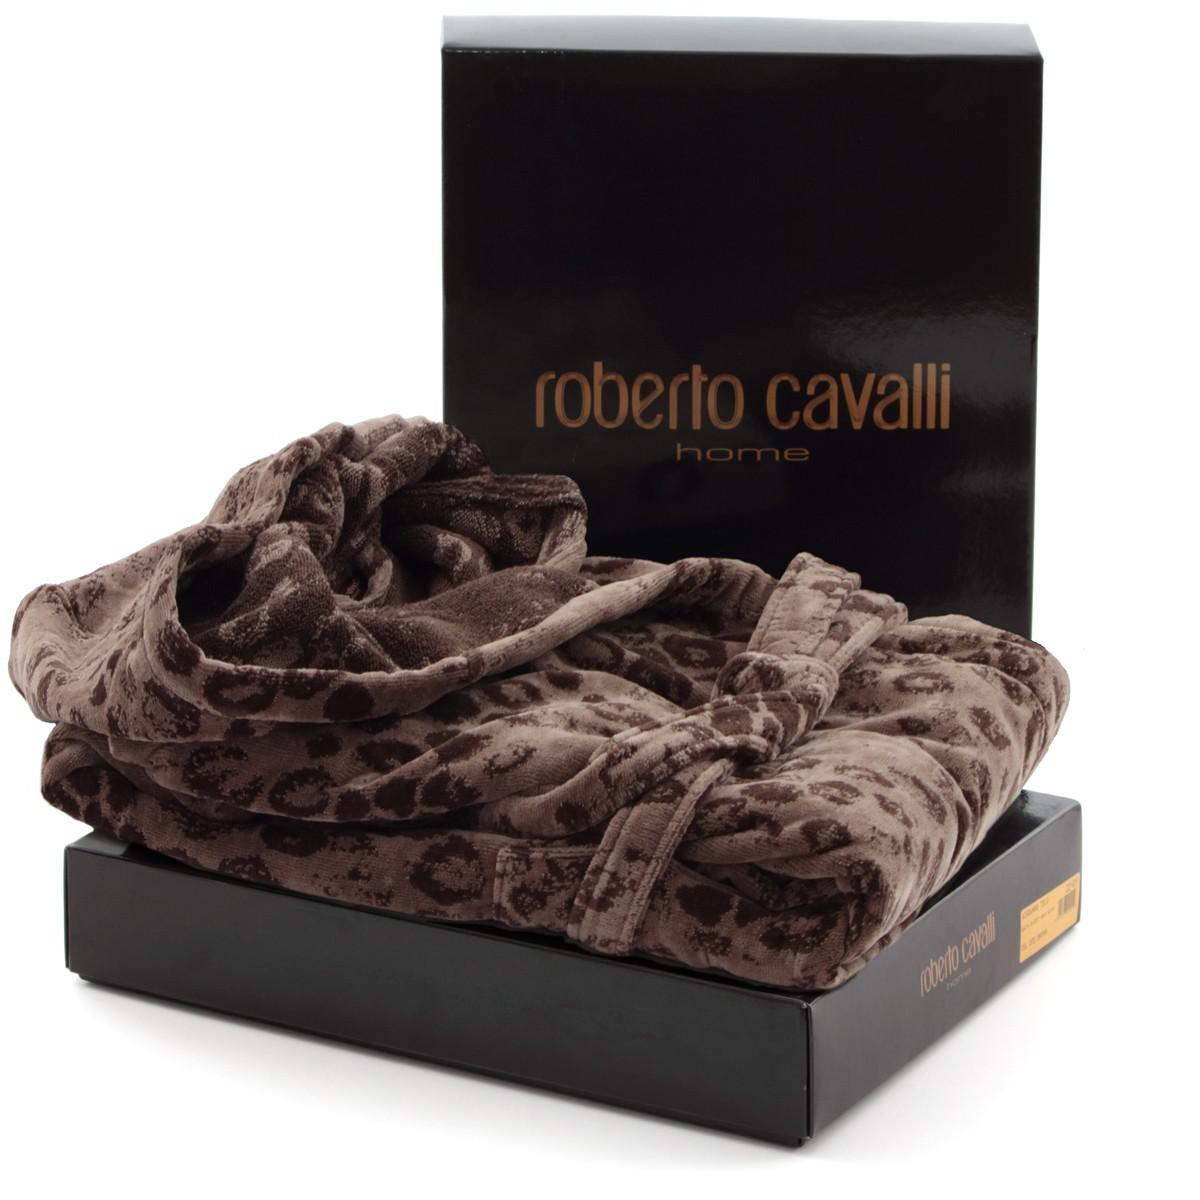 Халаты Халат велюровый Roberto Cavalli Giaguaro коричневый elitnyy-halat-velyurovyy-giaguaro-korichnevyy-ot-roberto-cavalli-italiya.jpg